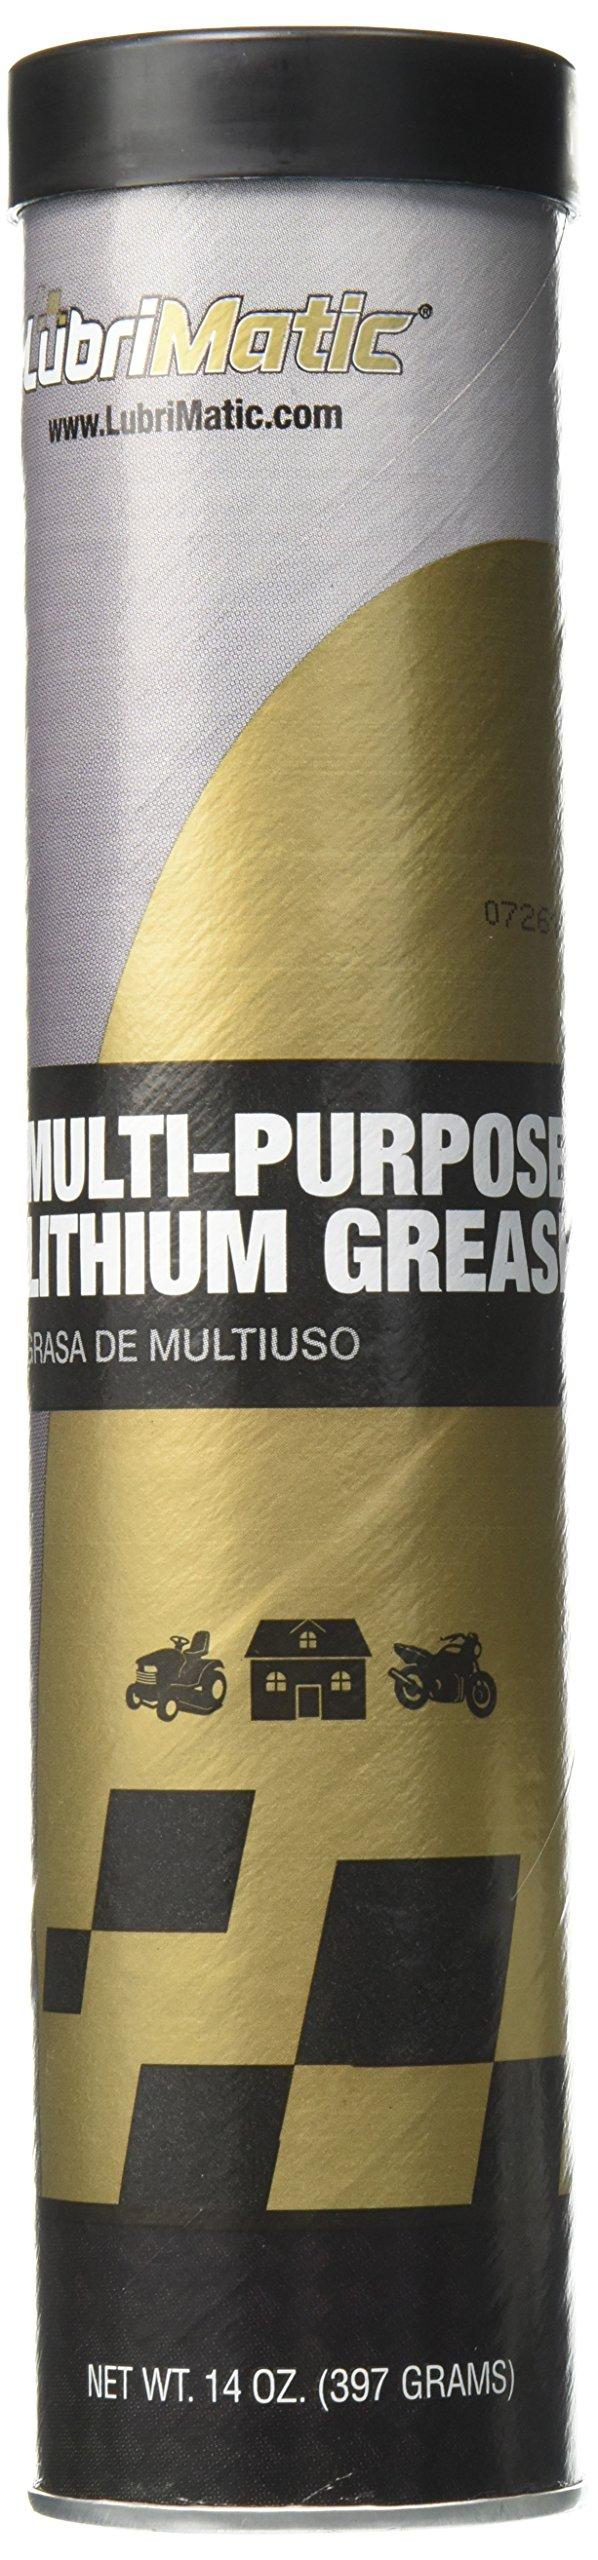 LubriMatic 11315 Multi-Purpose Lithium Grease, 14 oz. Cartridge